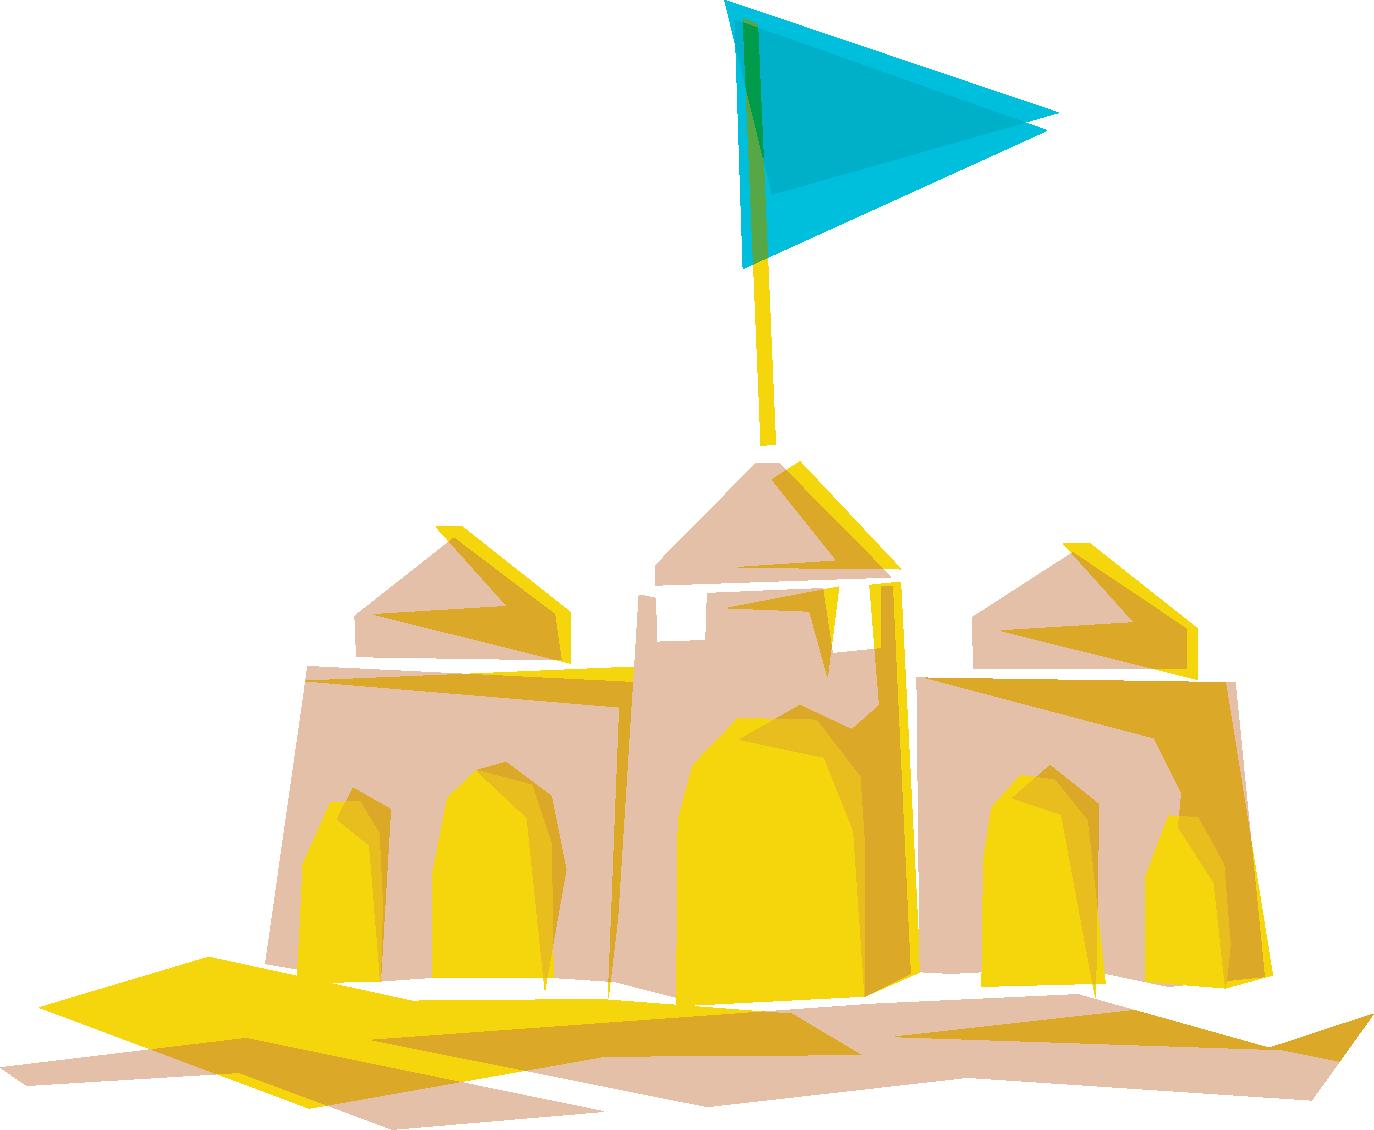 Château de sable - Dessin Marceline